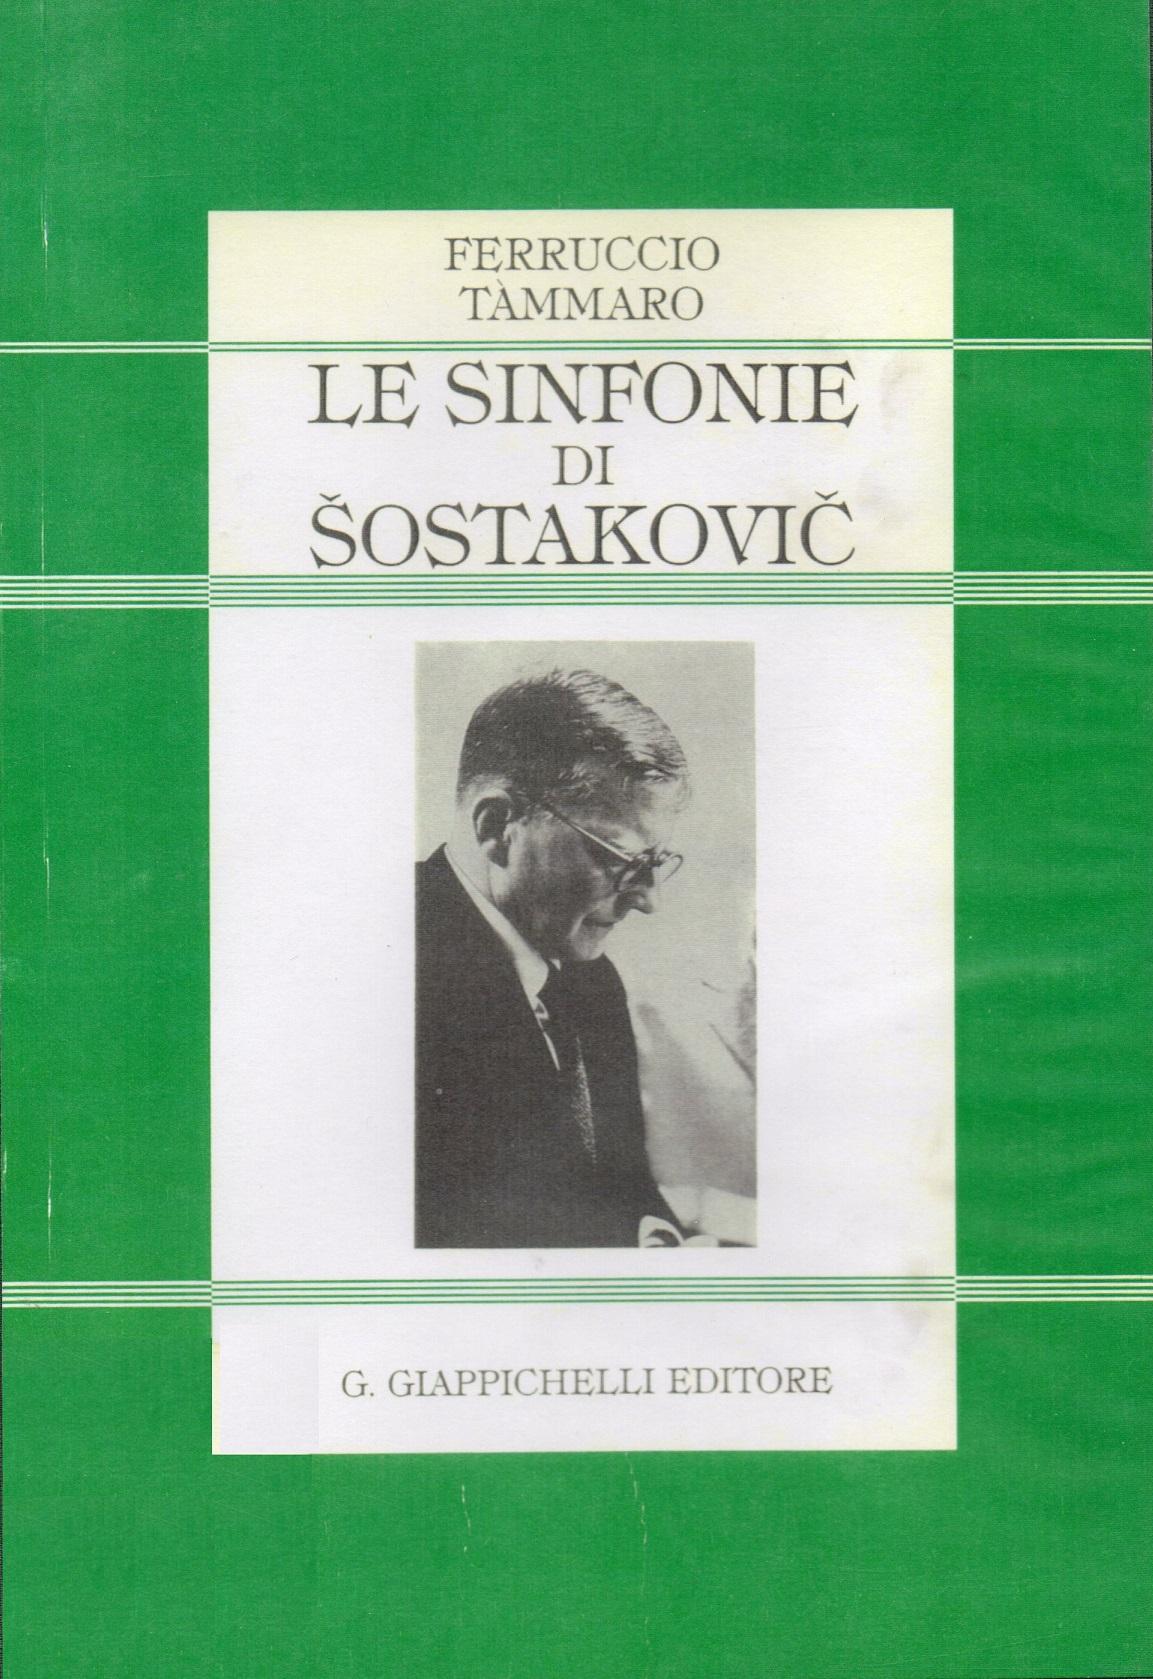 Le sinfonie di Sostakovic